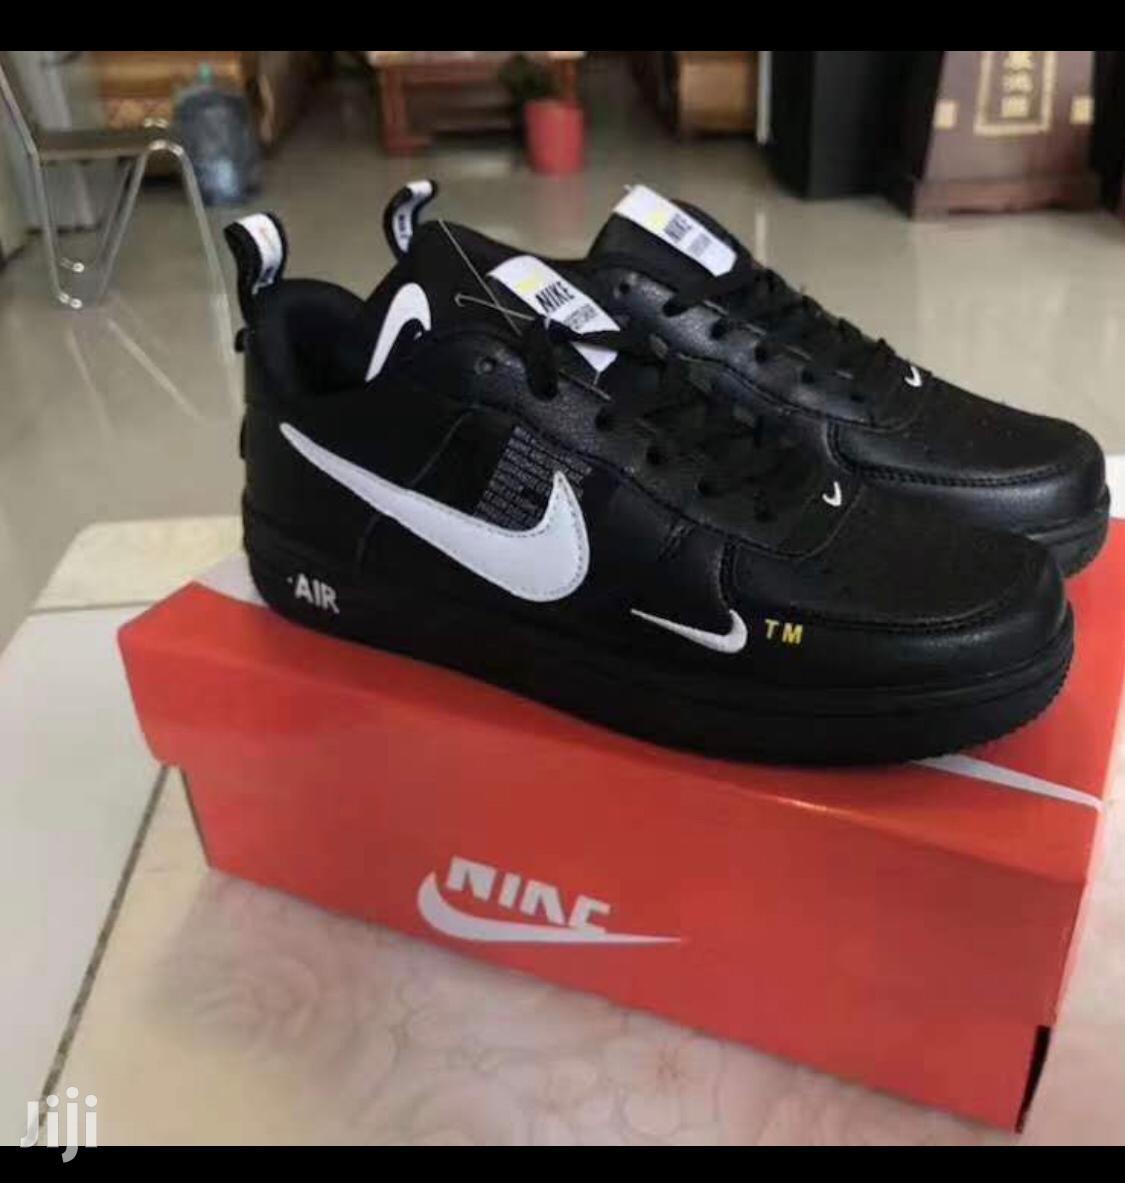 Nike Air Force Sneakers - Black